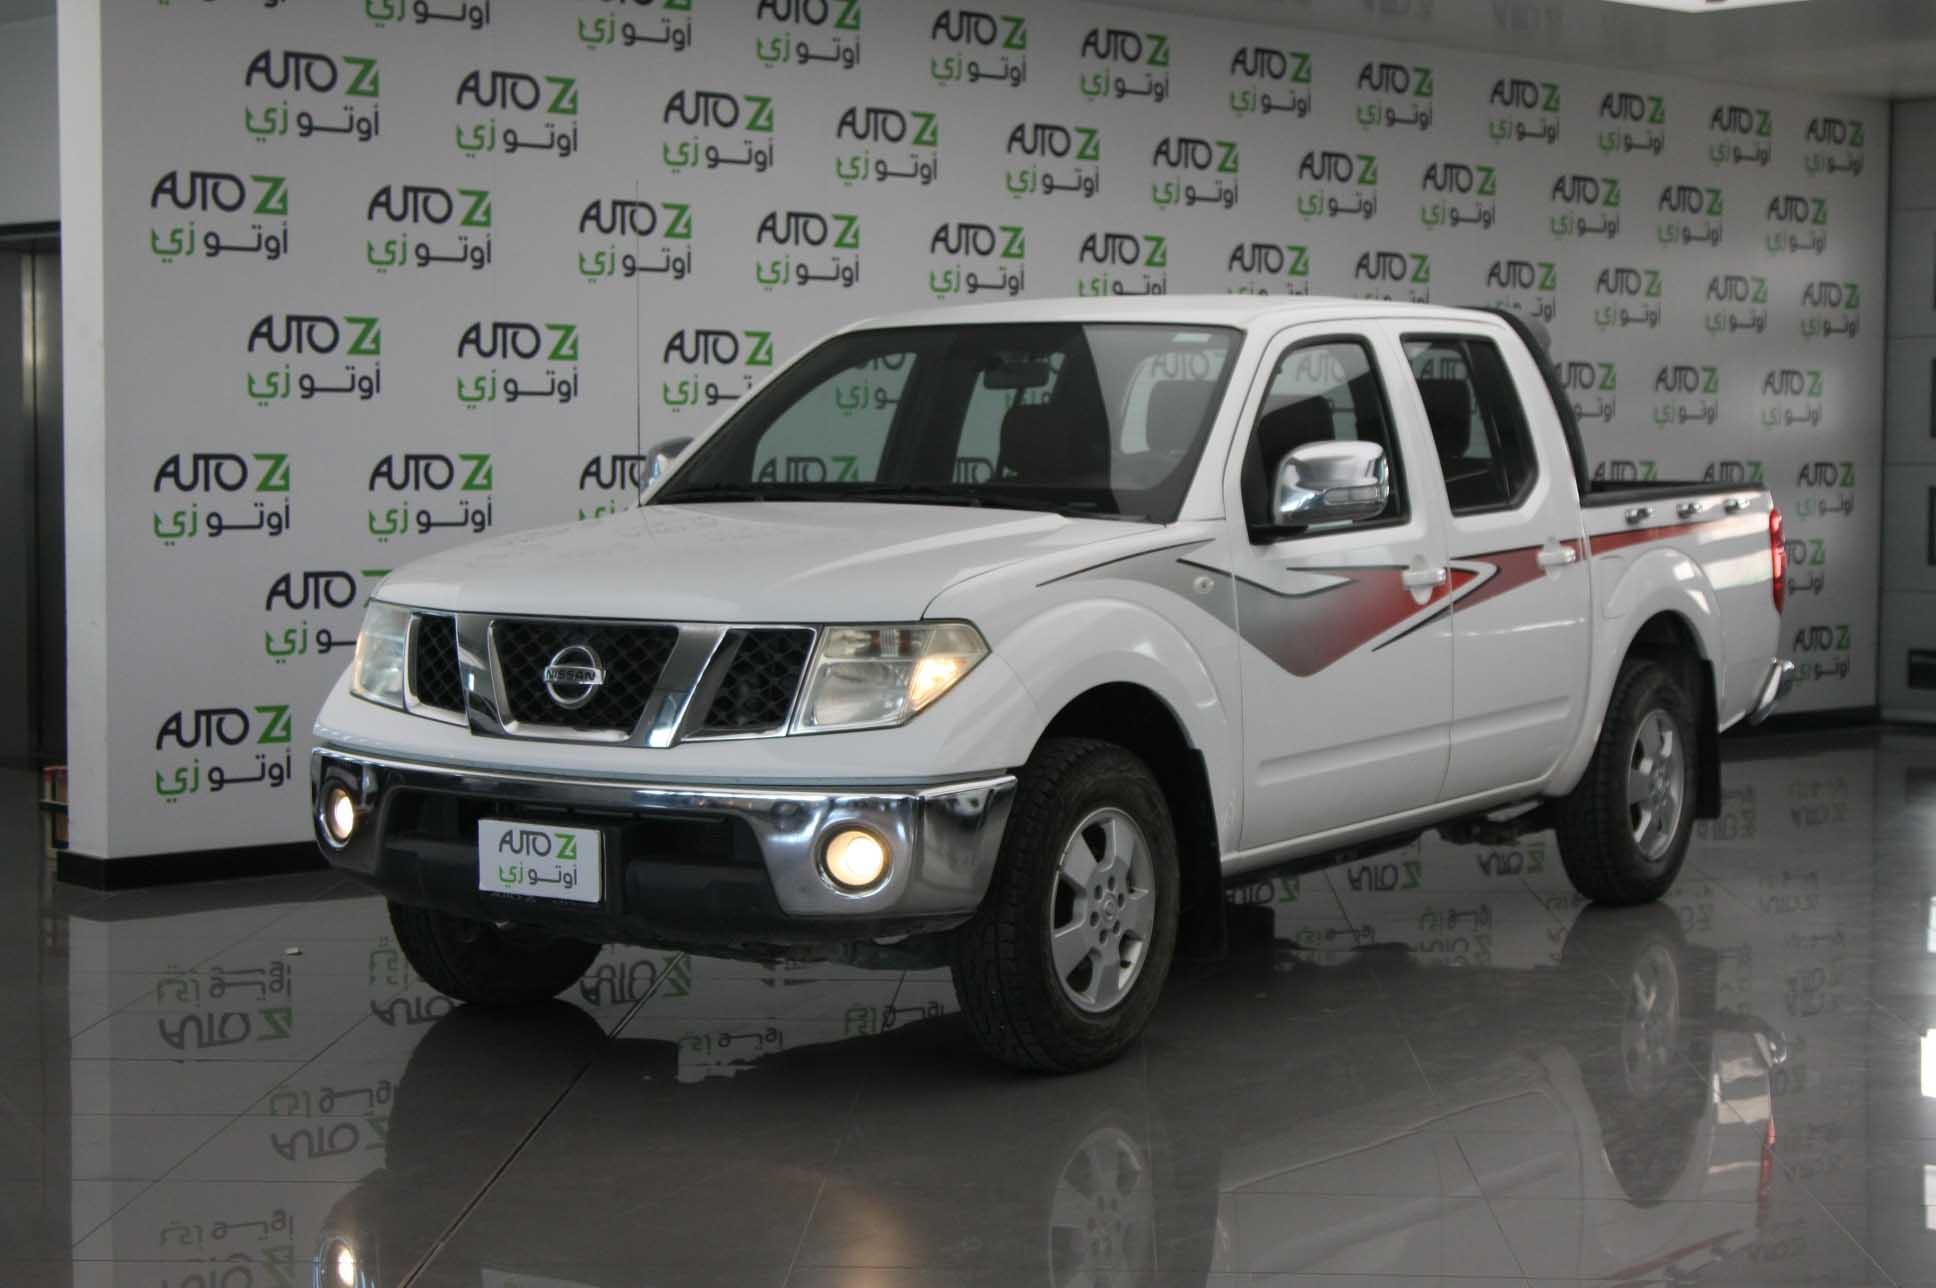 Nissan Navaro SE 2014 – White 2